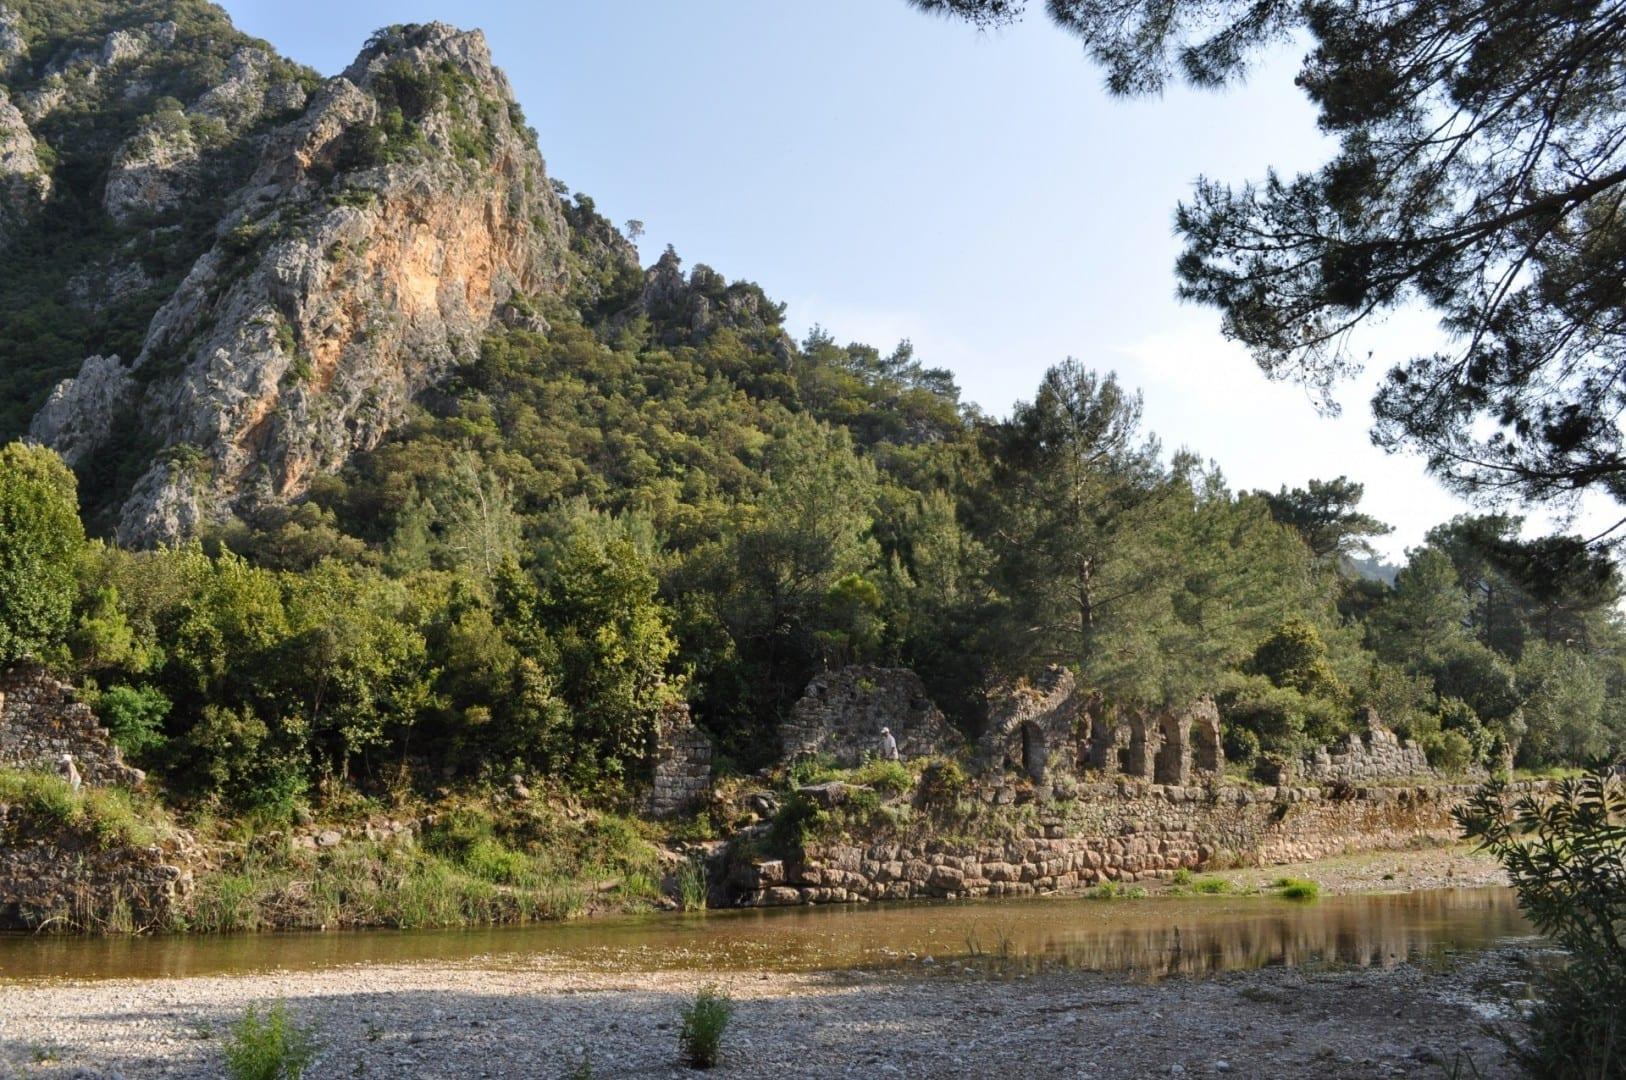 Montañas cubiertas de pinos y ruinas antiguas: el escenario general en el Olimpo Olympos Turquía